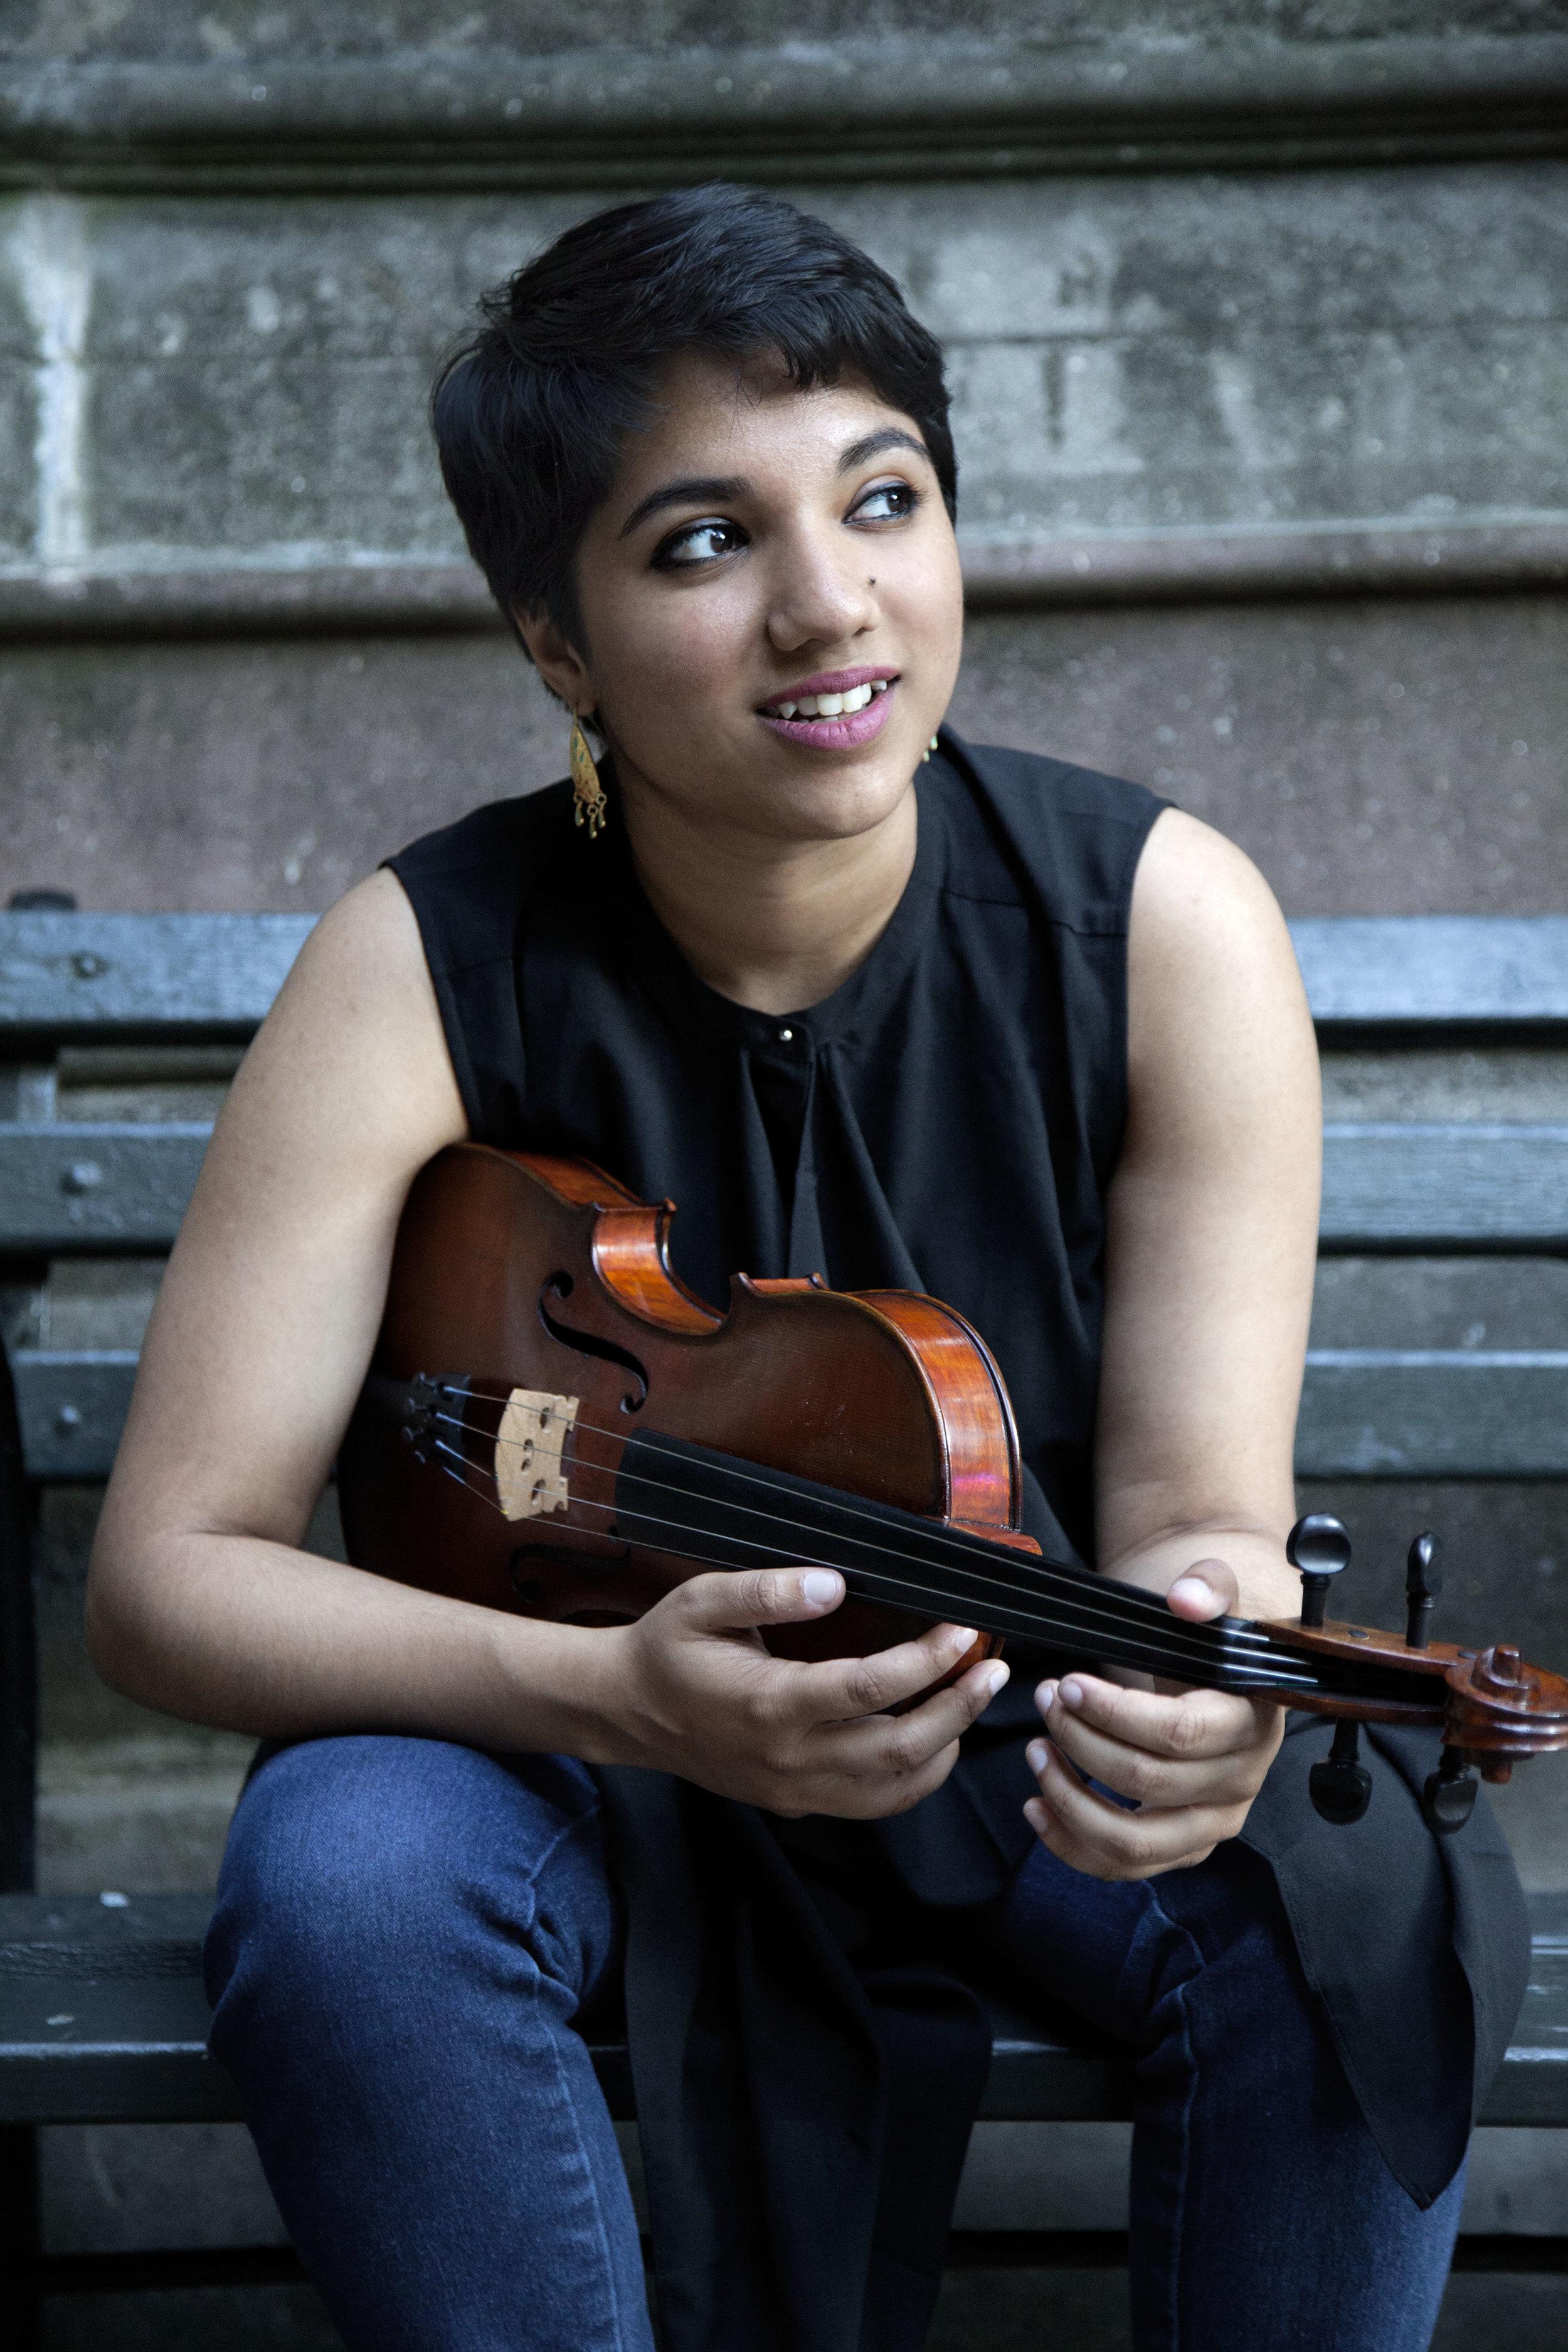 Anjna Swaminathan